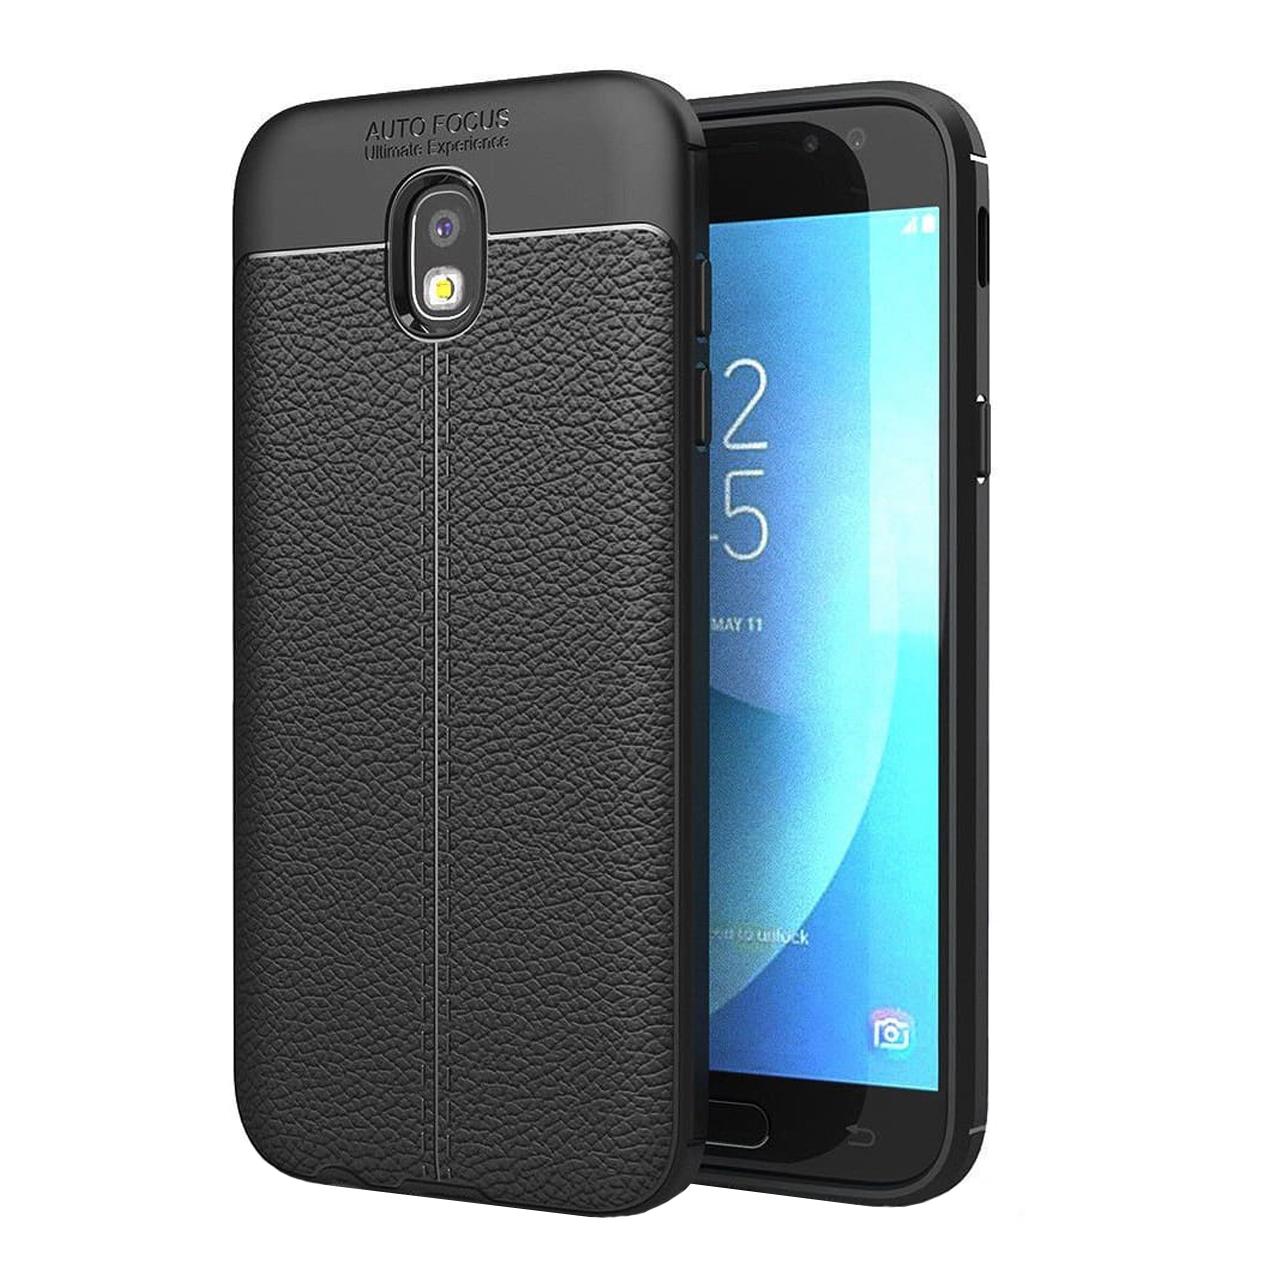 کاور مورفی مدل Auto7 مناسب برای گوشی موبایل سامسونگ Galaxy J5 Pro